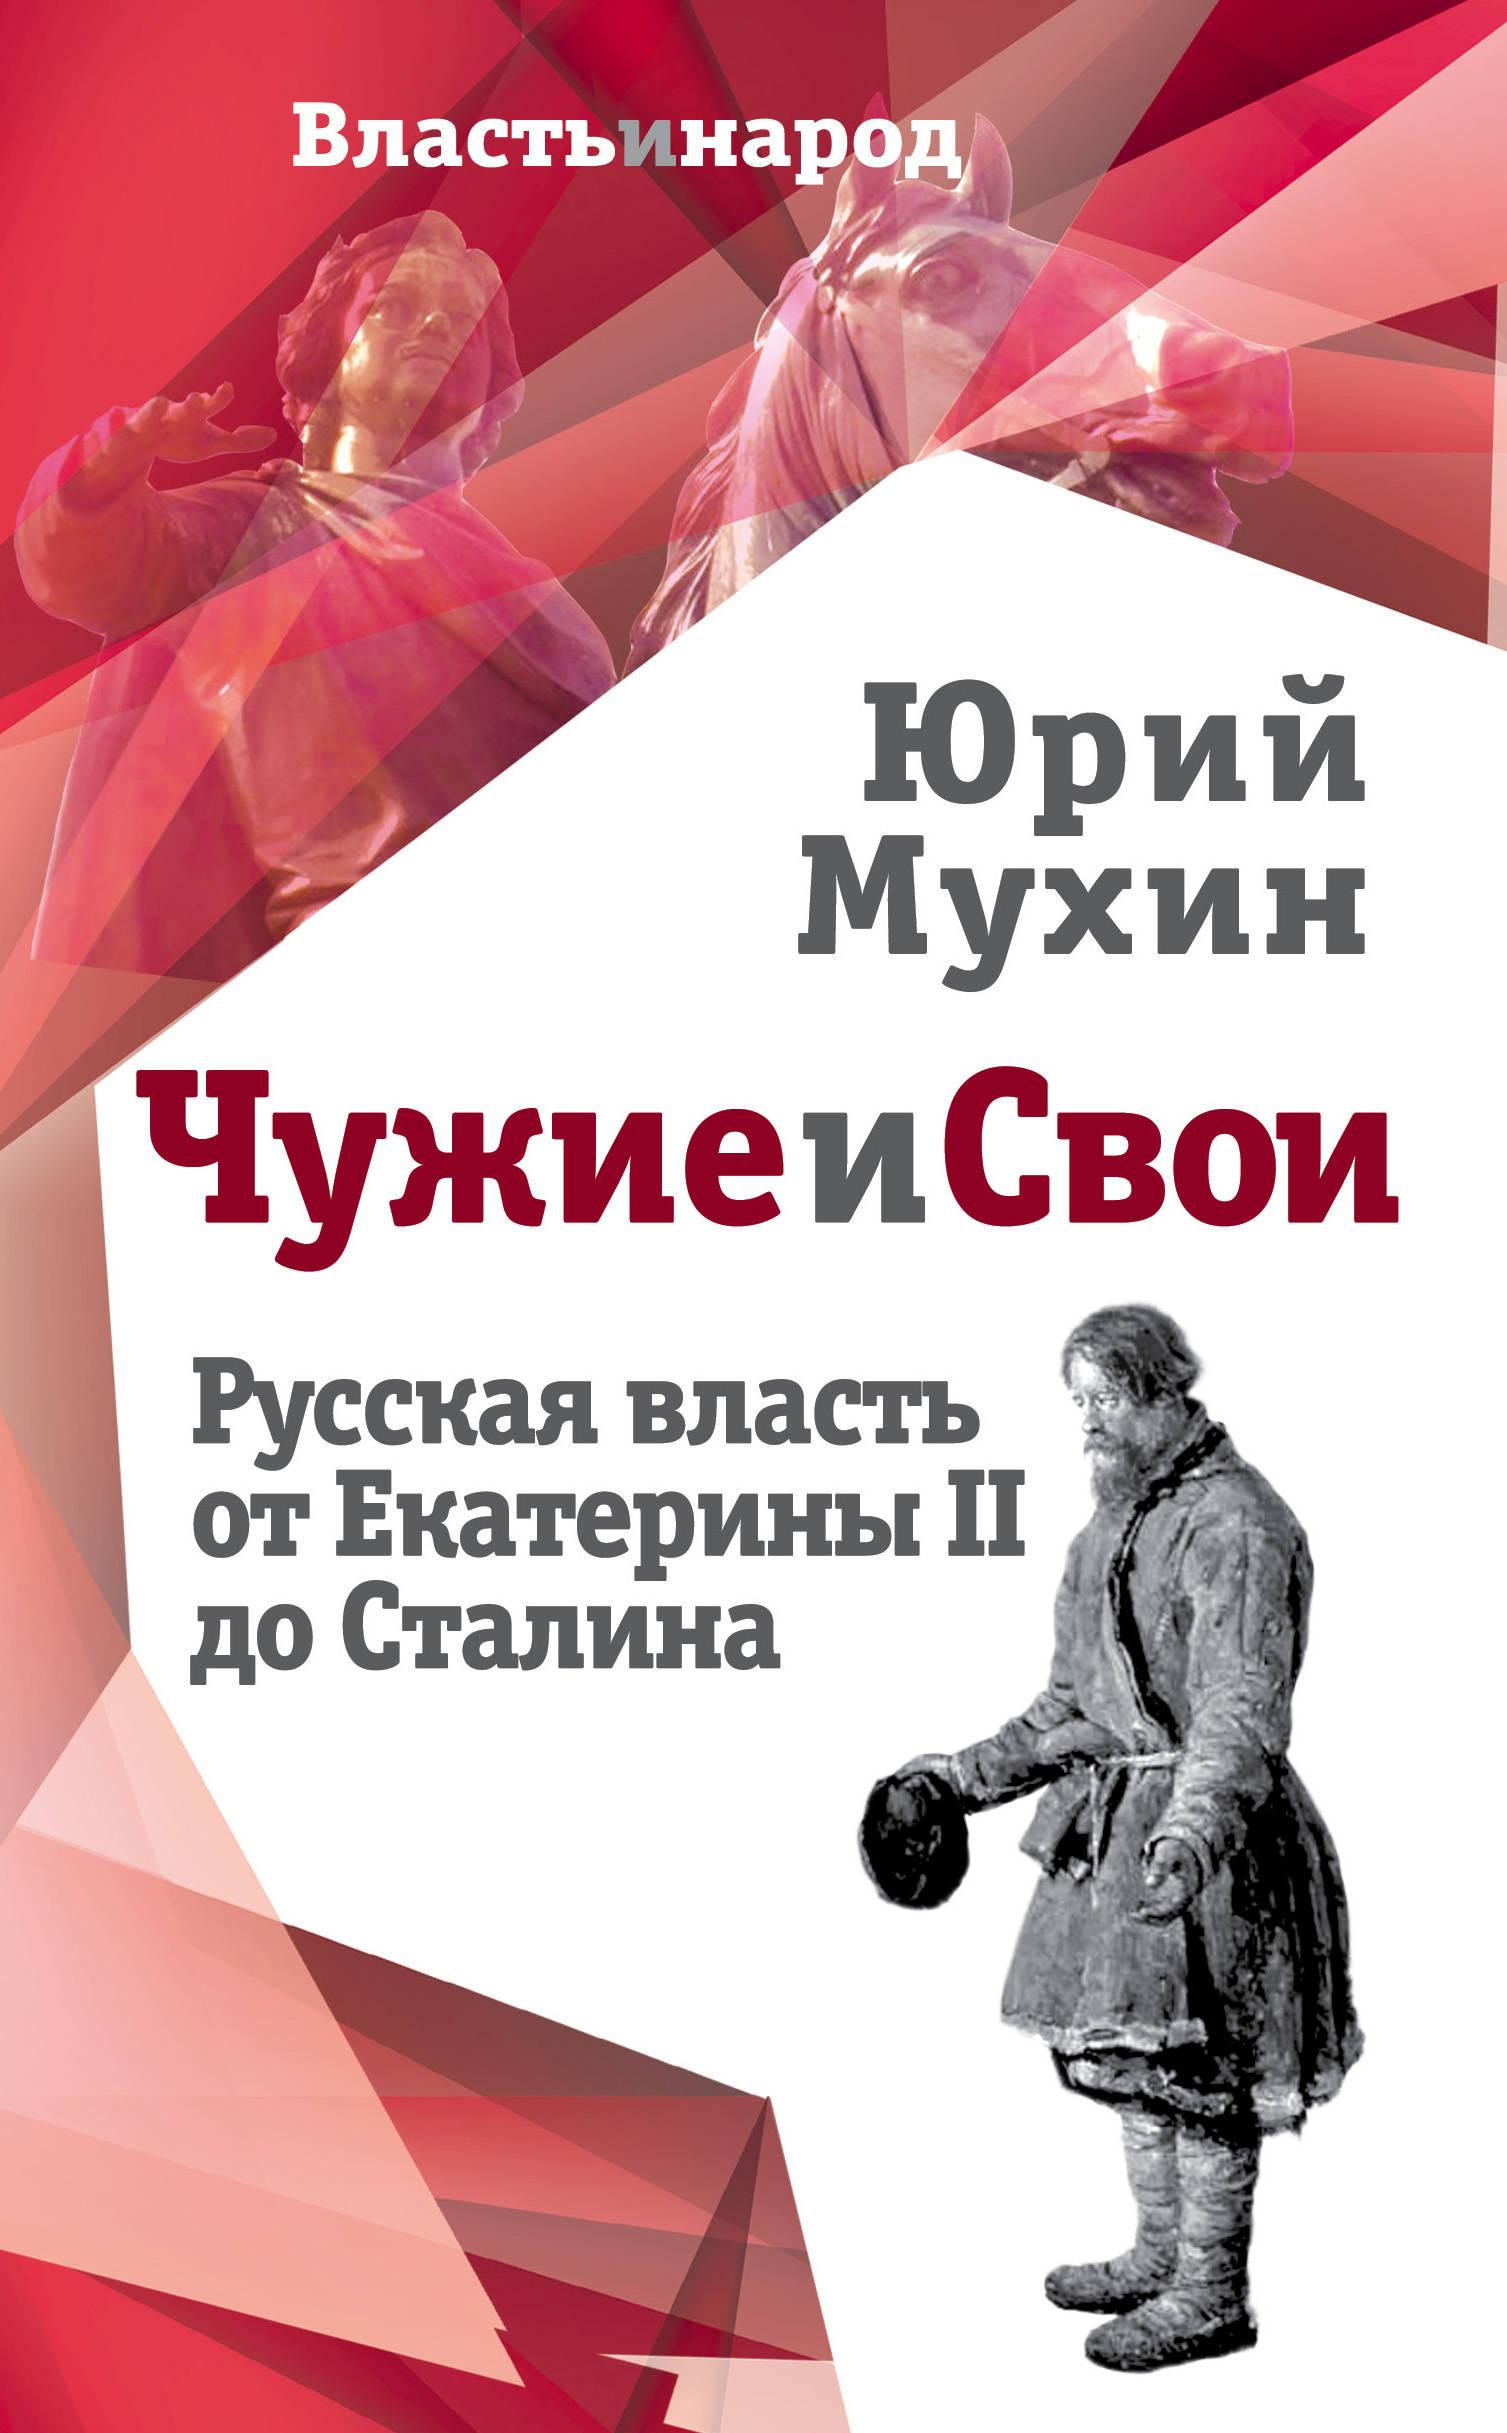 Мухин Юрий Игнатьевич Чужие и свои. Русская власть от Екатерины II до Сталина